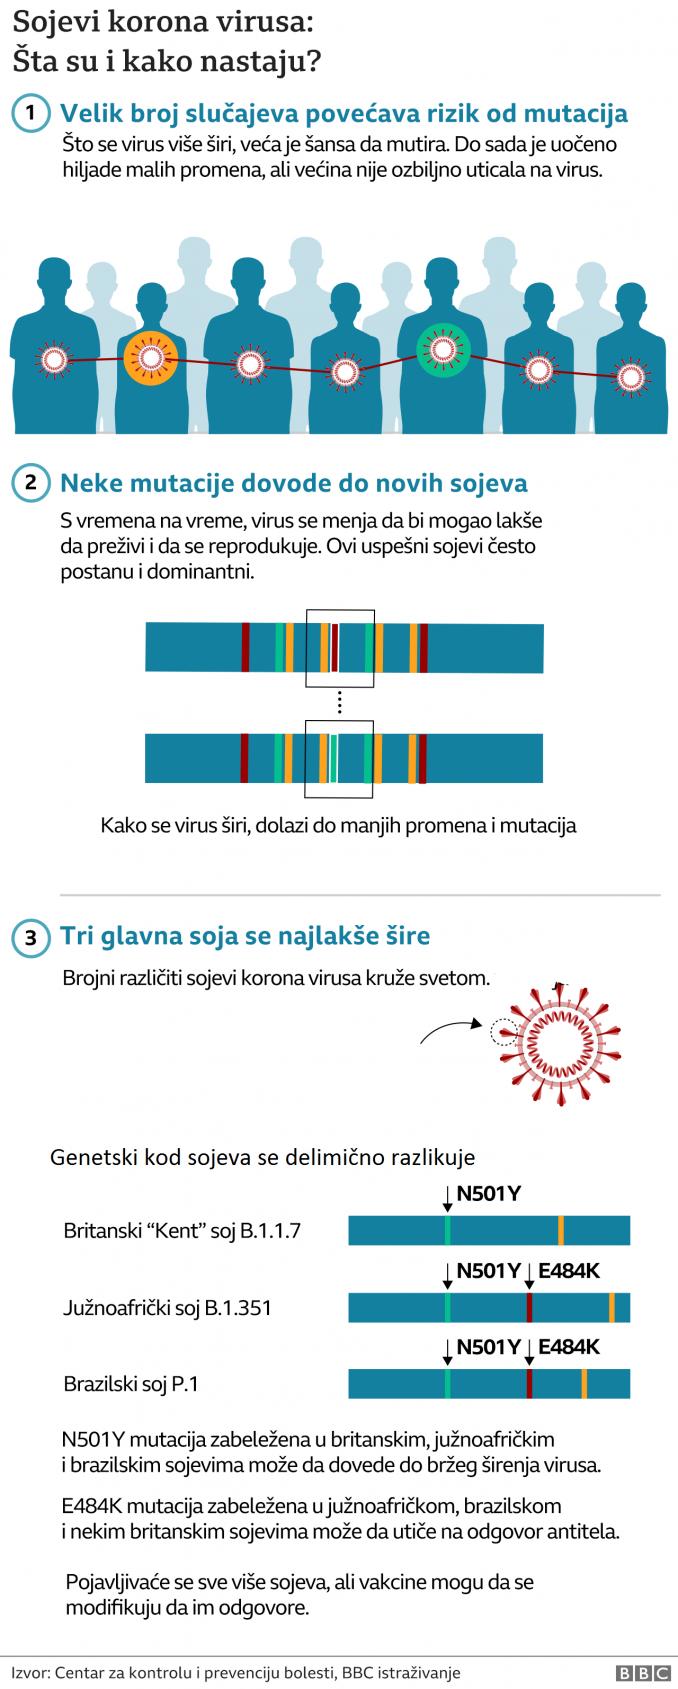 Korona virus: Broj zaraženih u Srbiji raste, zaseda Krizni štab, Merkel kaže da je Nemačka u trećem talasu pandemije 5